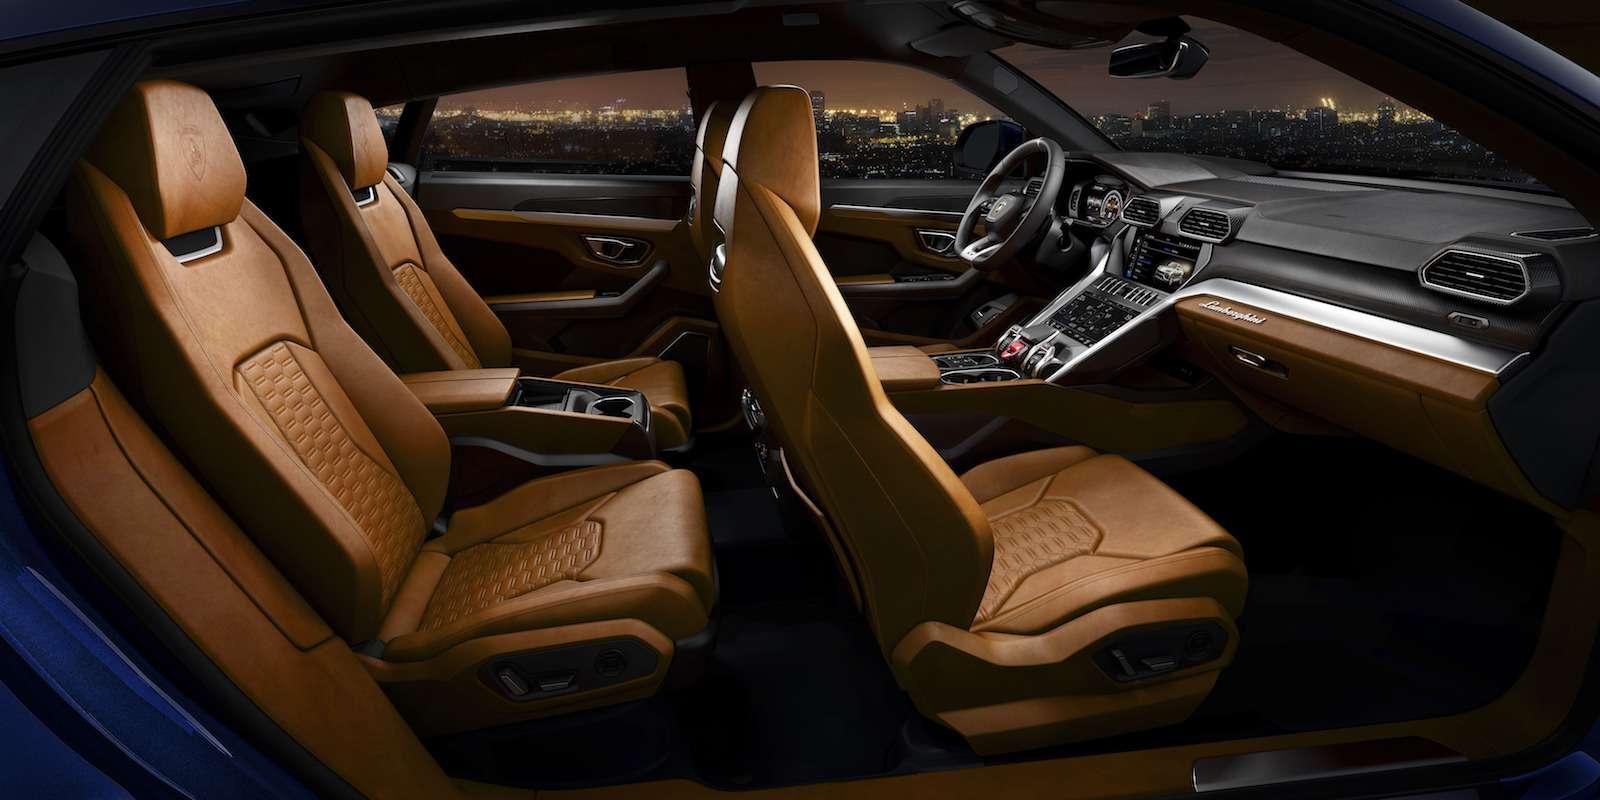 Lamborghini привезла вРоссию автомобиль, который не боится «лежачих полицейских»— фото 845500